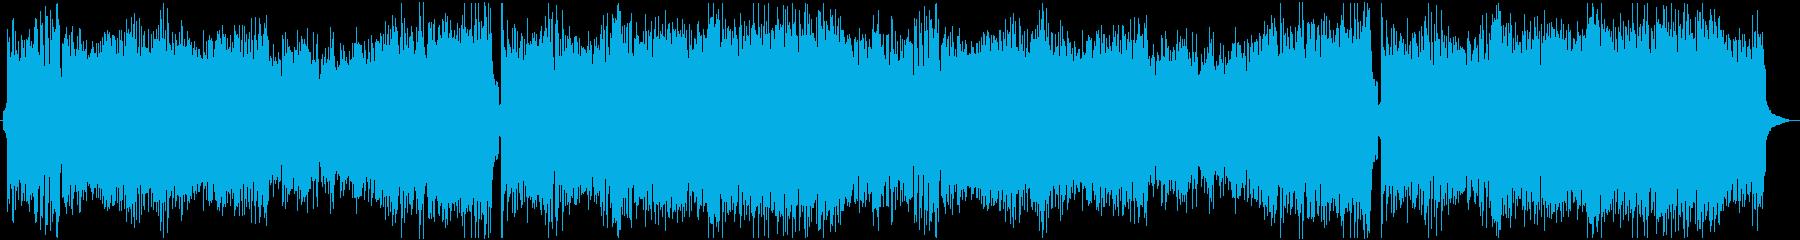 スピード感のある戦闘曲の再生済みの波形